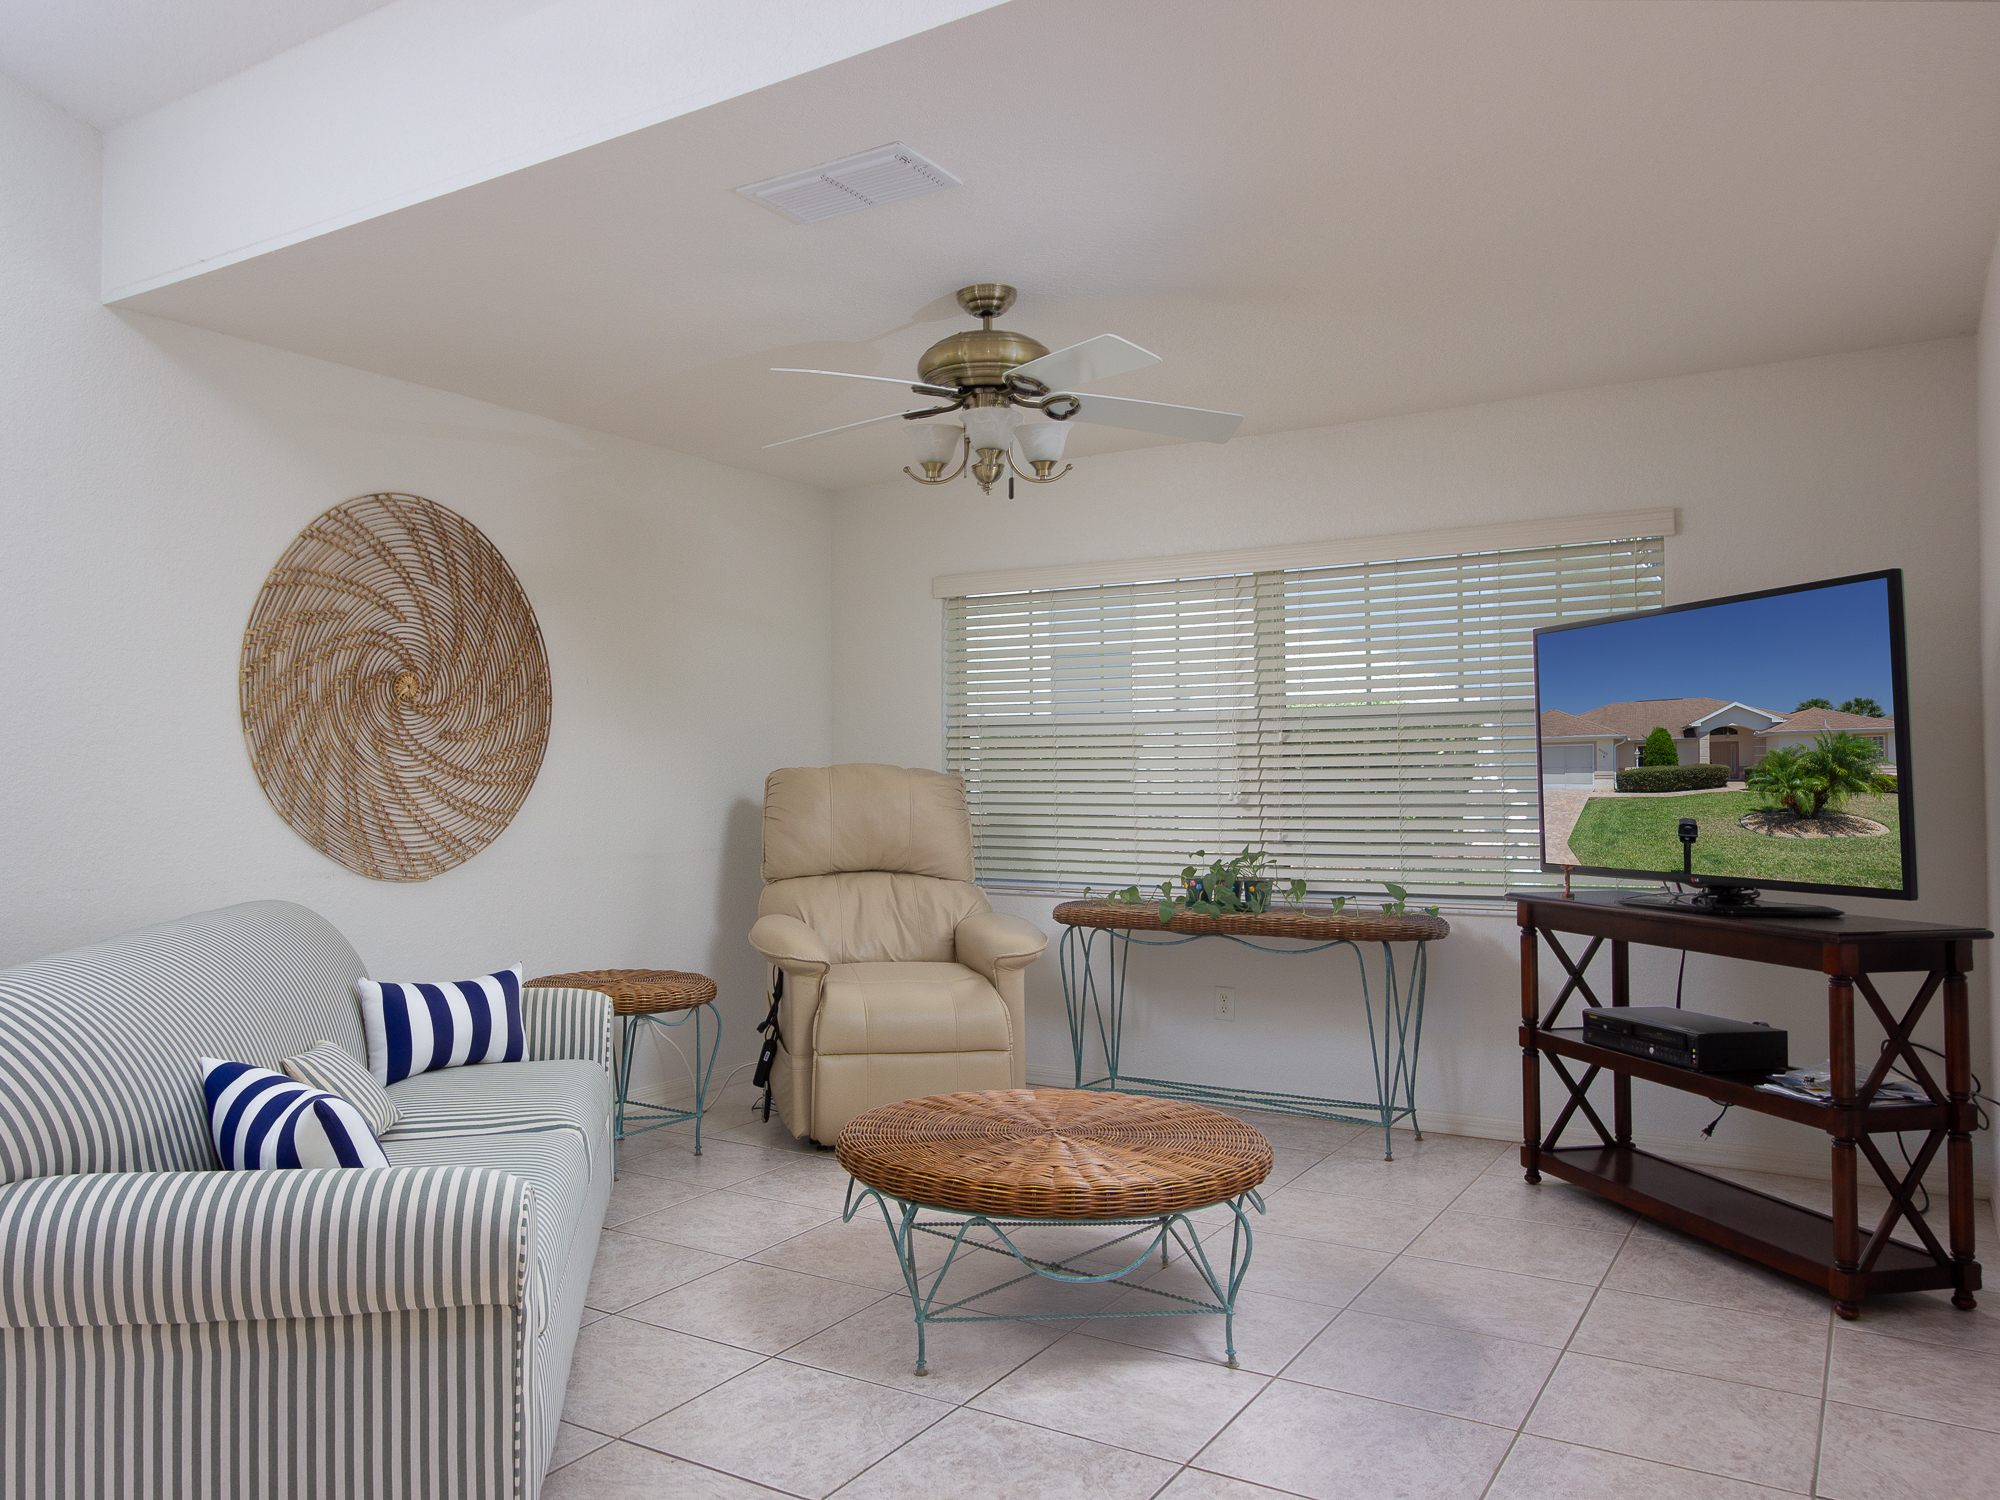 17431-SE-110th-Terrace-Summerfield-FL-34491-129-of-39